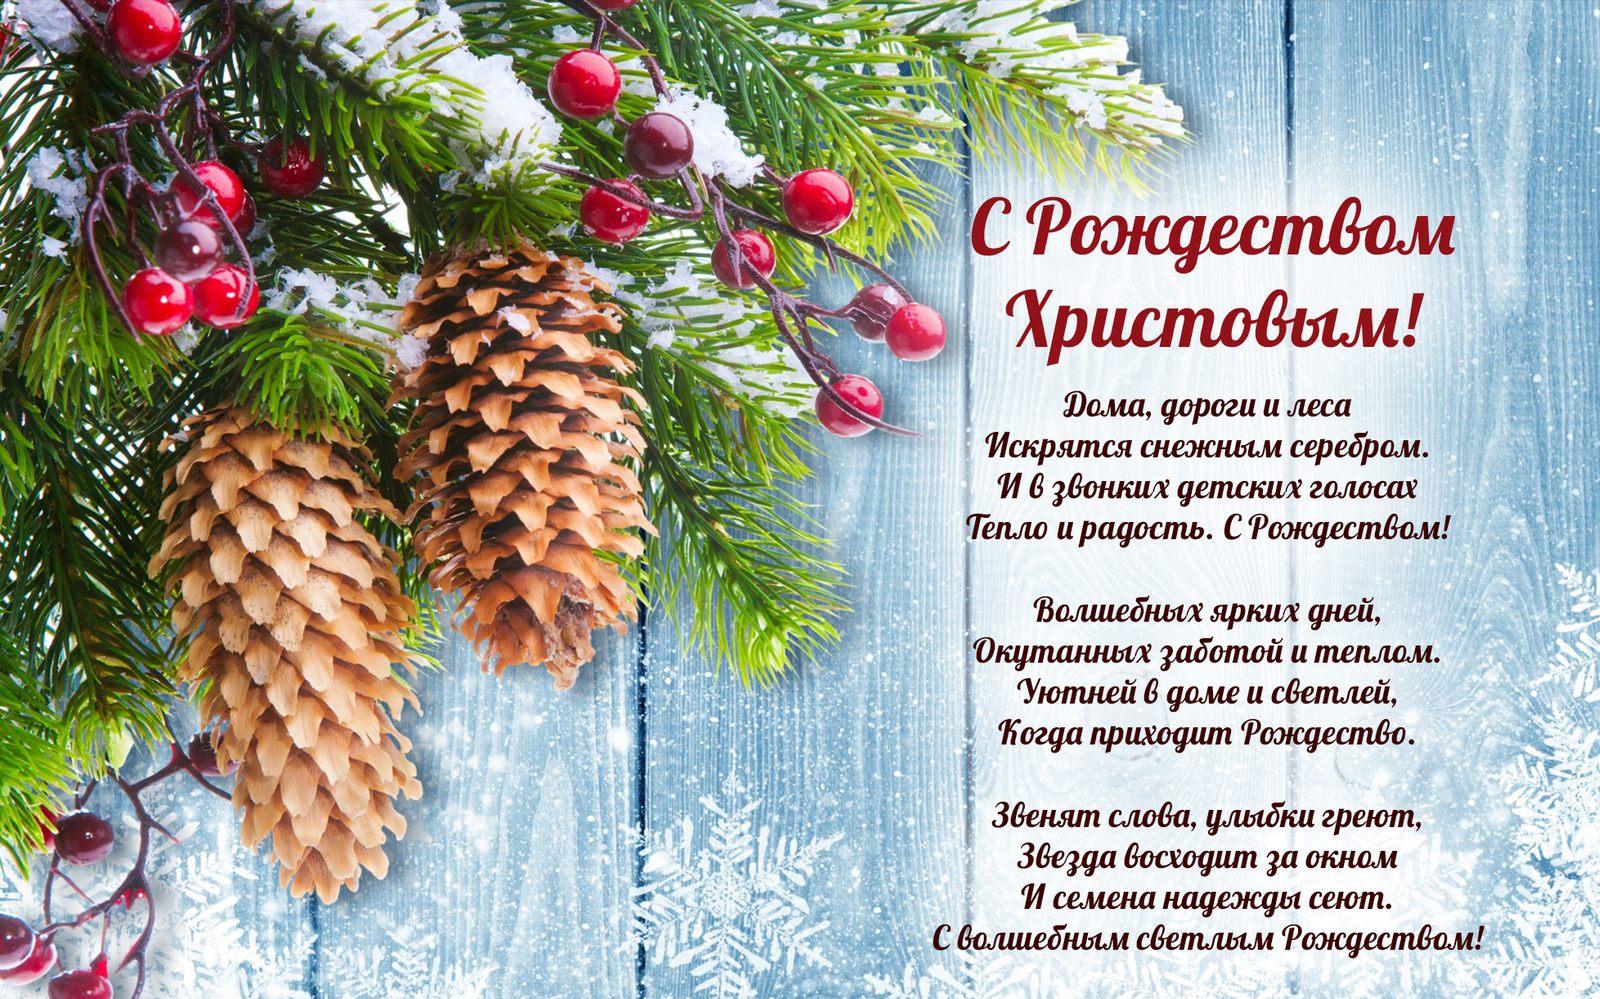 Смс поздравления с Рождеством любимому